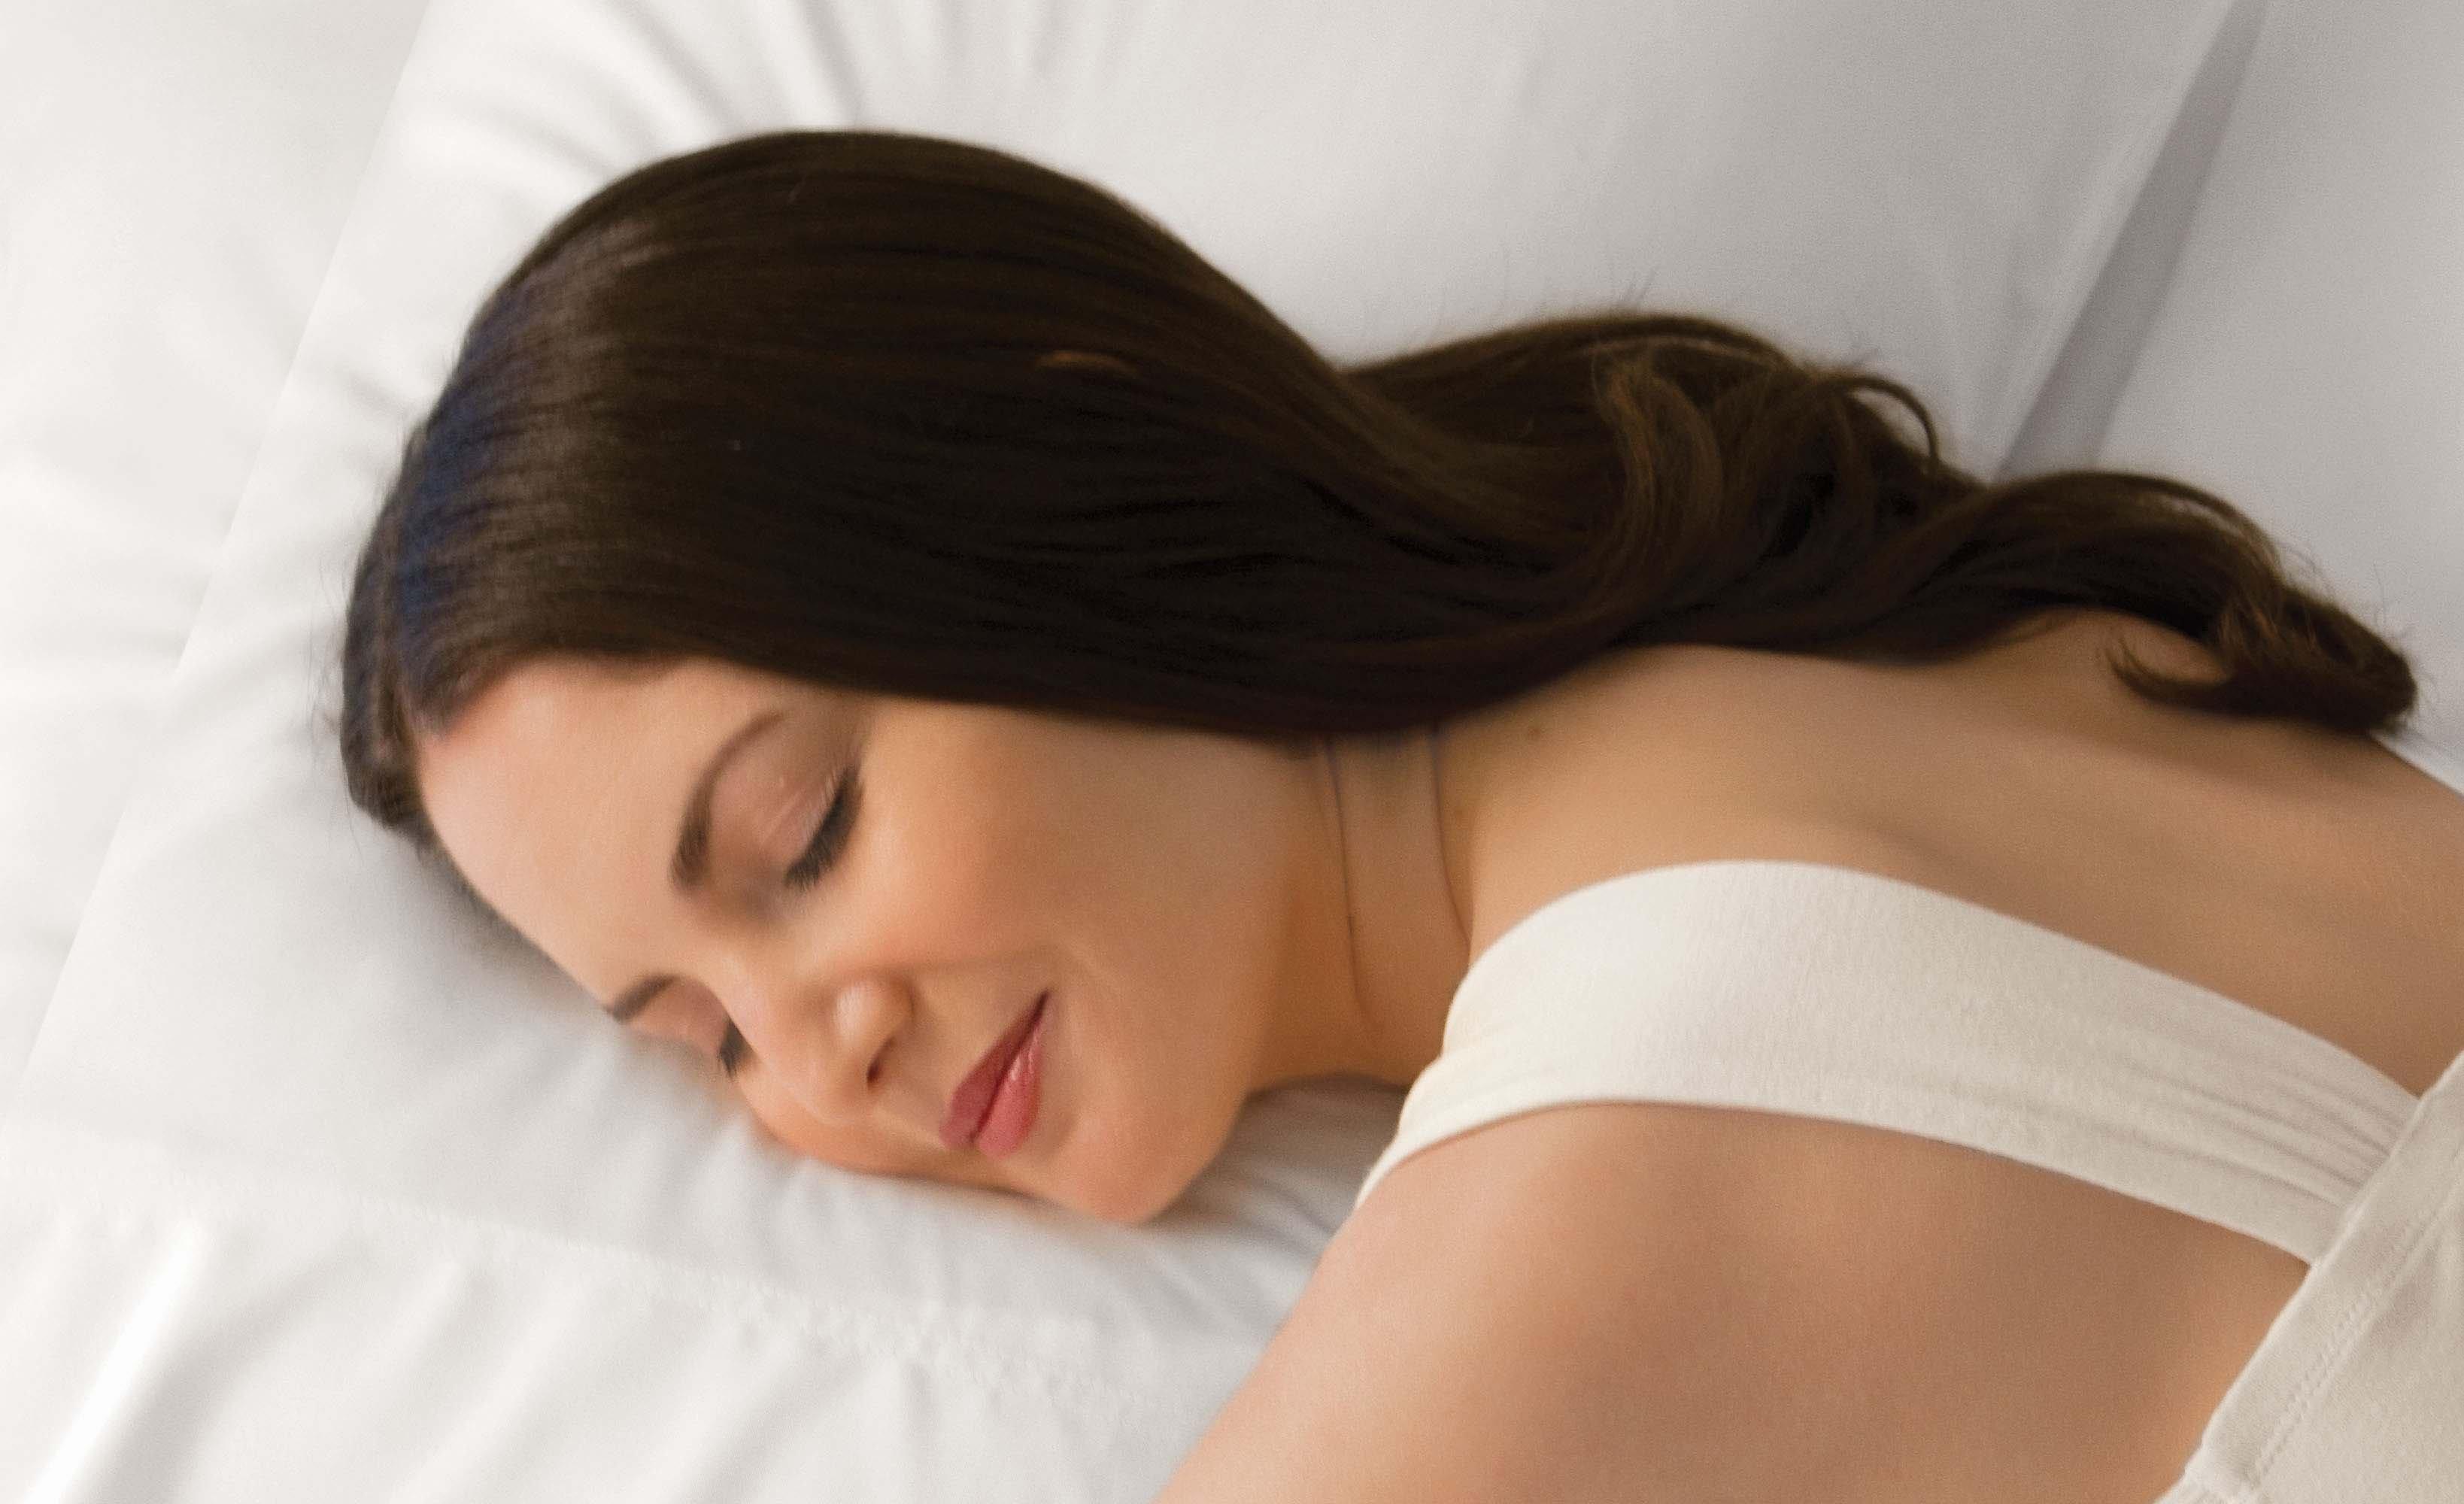 Sleeping_on_pillows_004